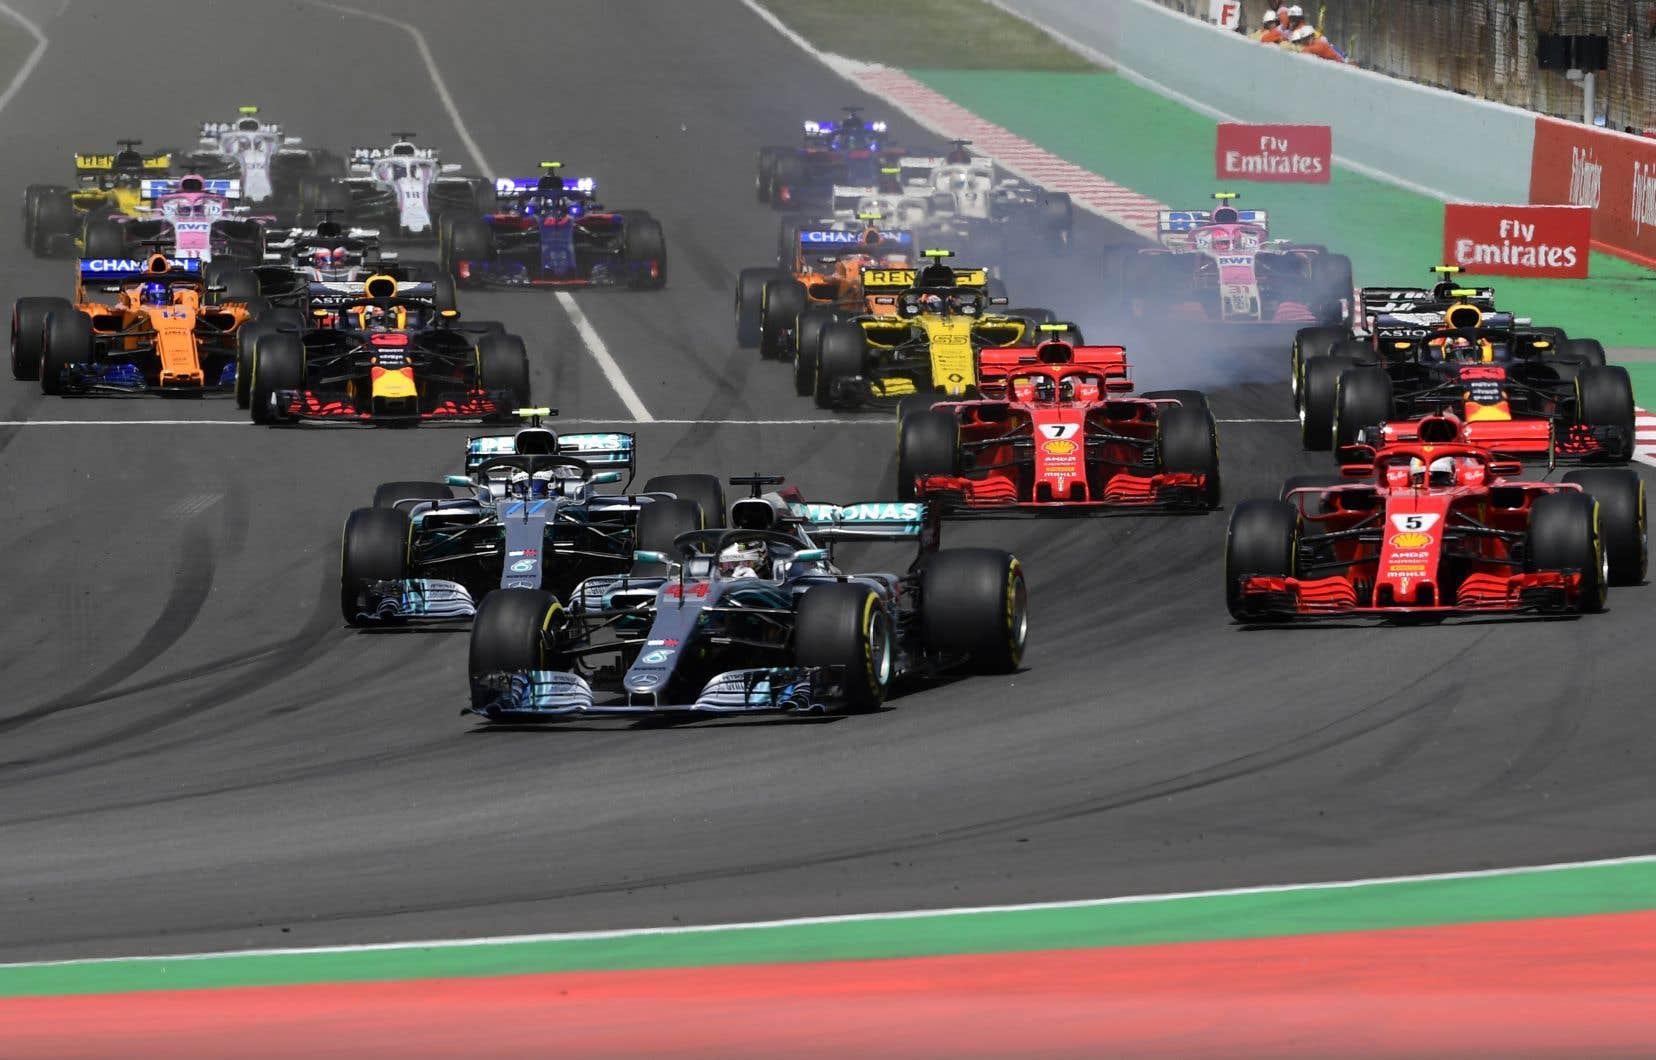 Le 29mars, le Royaume-Uni doit quitter l'Union avec ou sans accord. Les équipes de F1 se prépareront alors en vue du deuxième Grand Prix de la saison à Bahreïn, le 31mars.